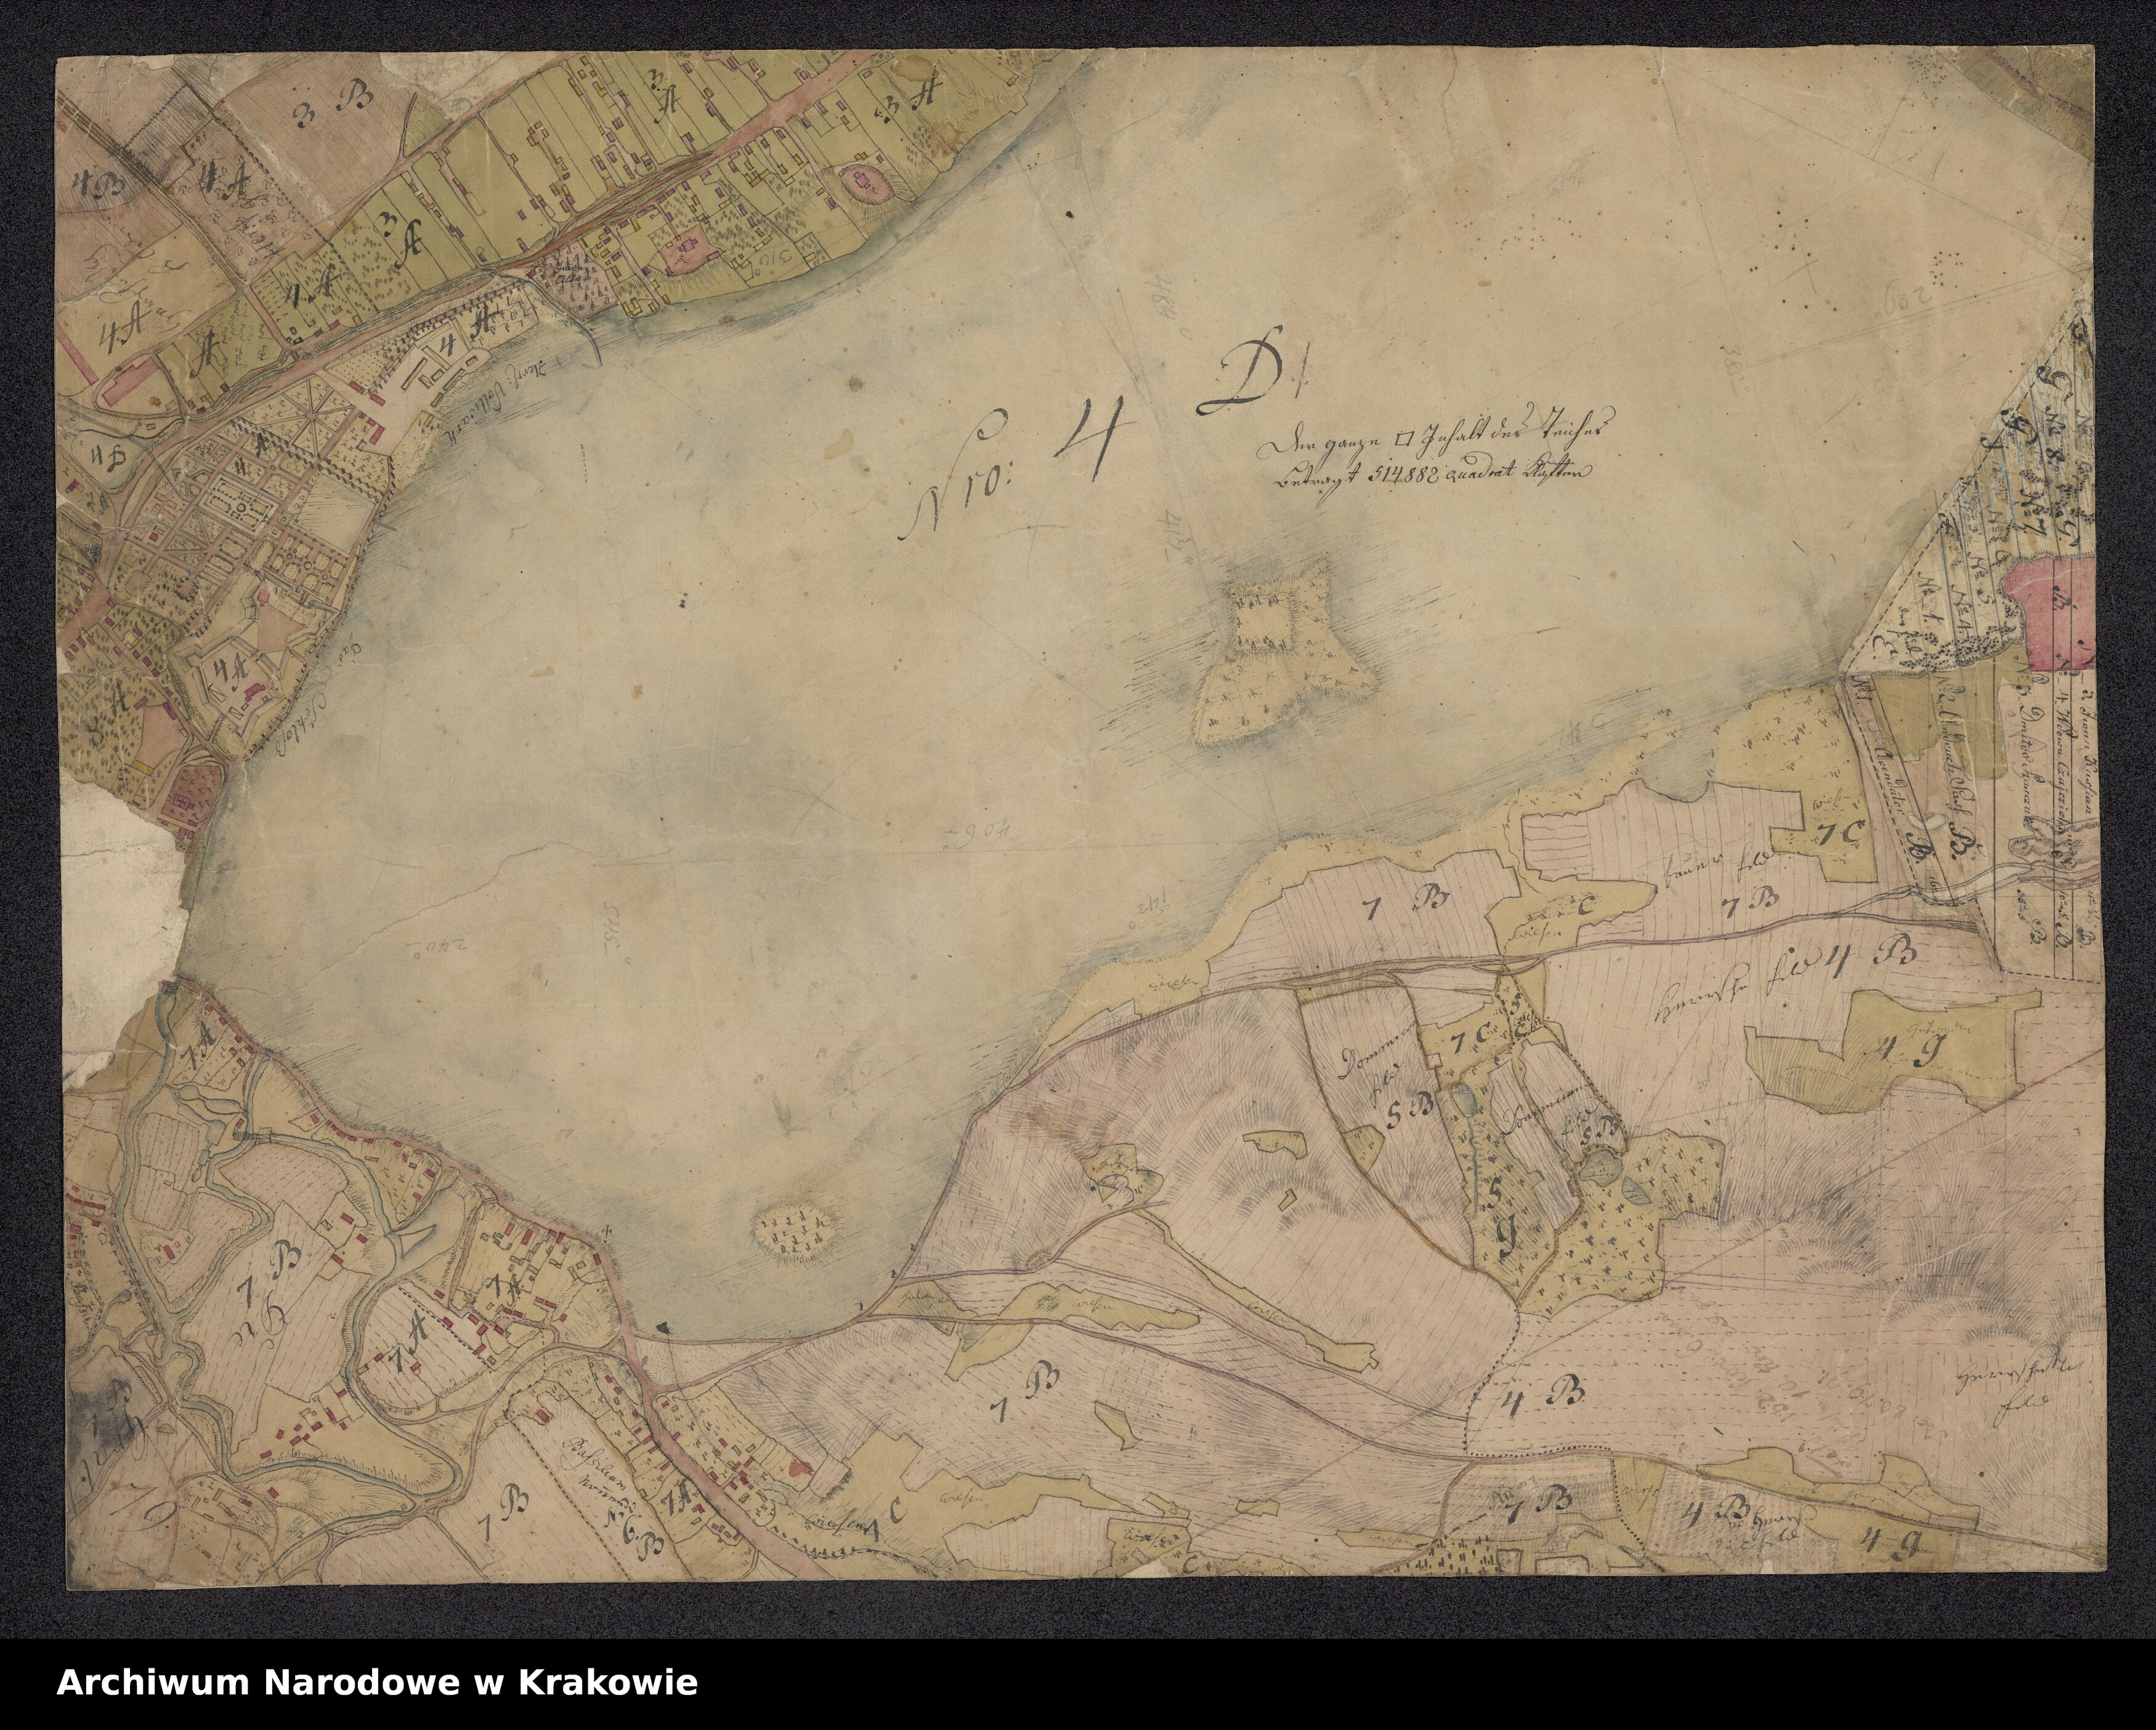 plany-dobr-rzadowych-jaworow-1779.jpg